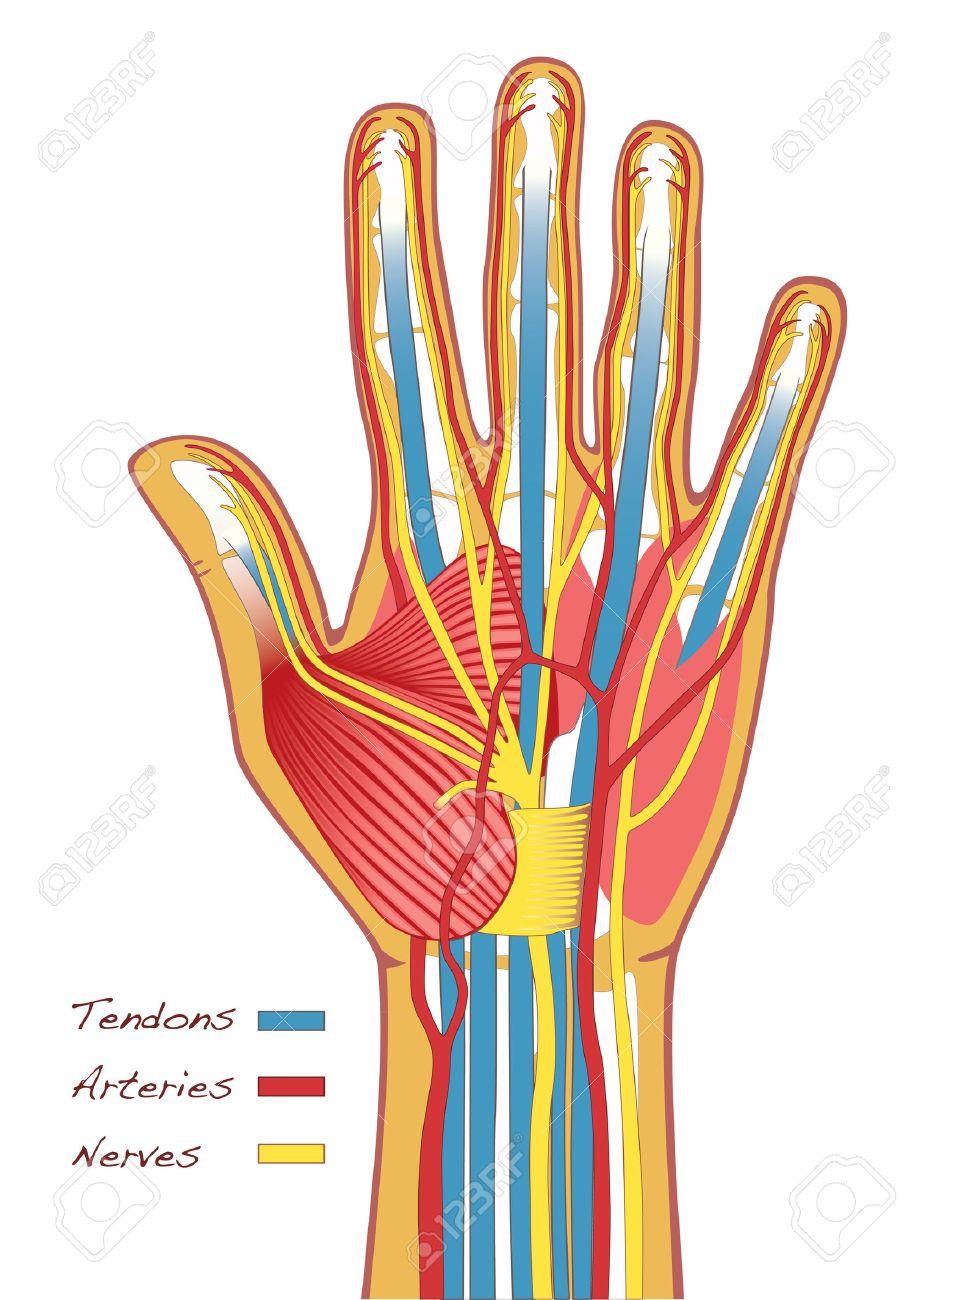 La Anatomía Manos Humanas Con Tendones, Arterias Y Nervios ...